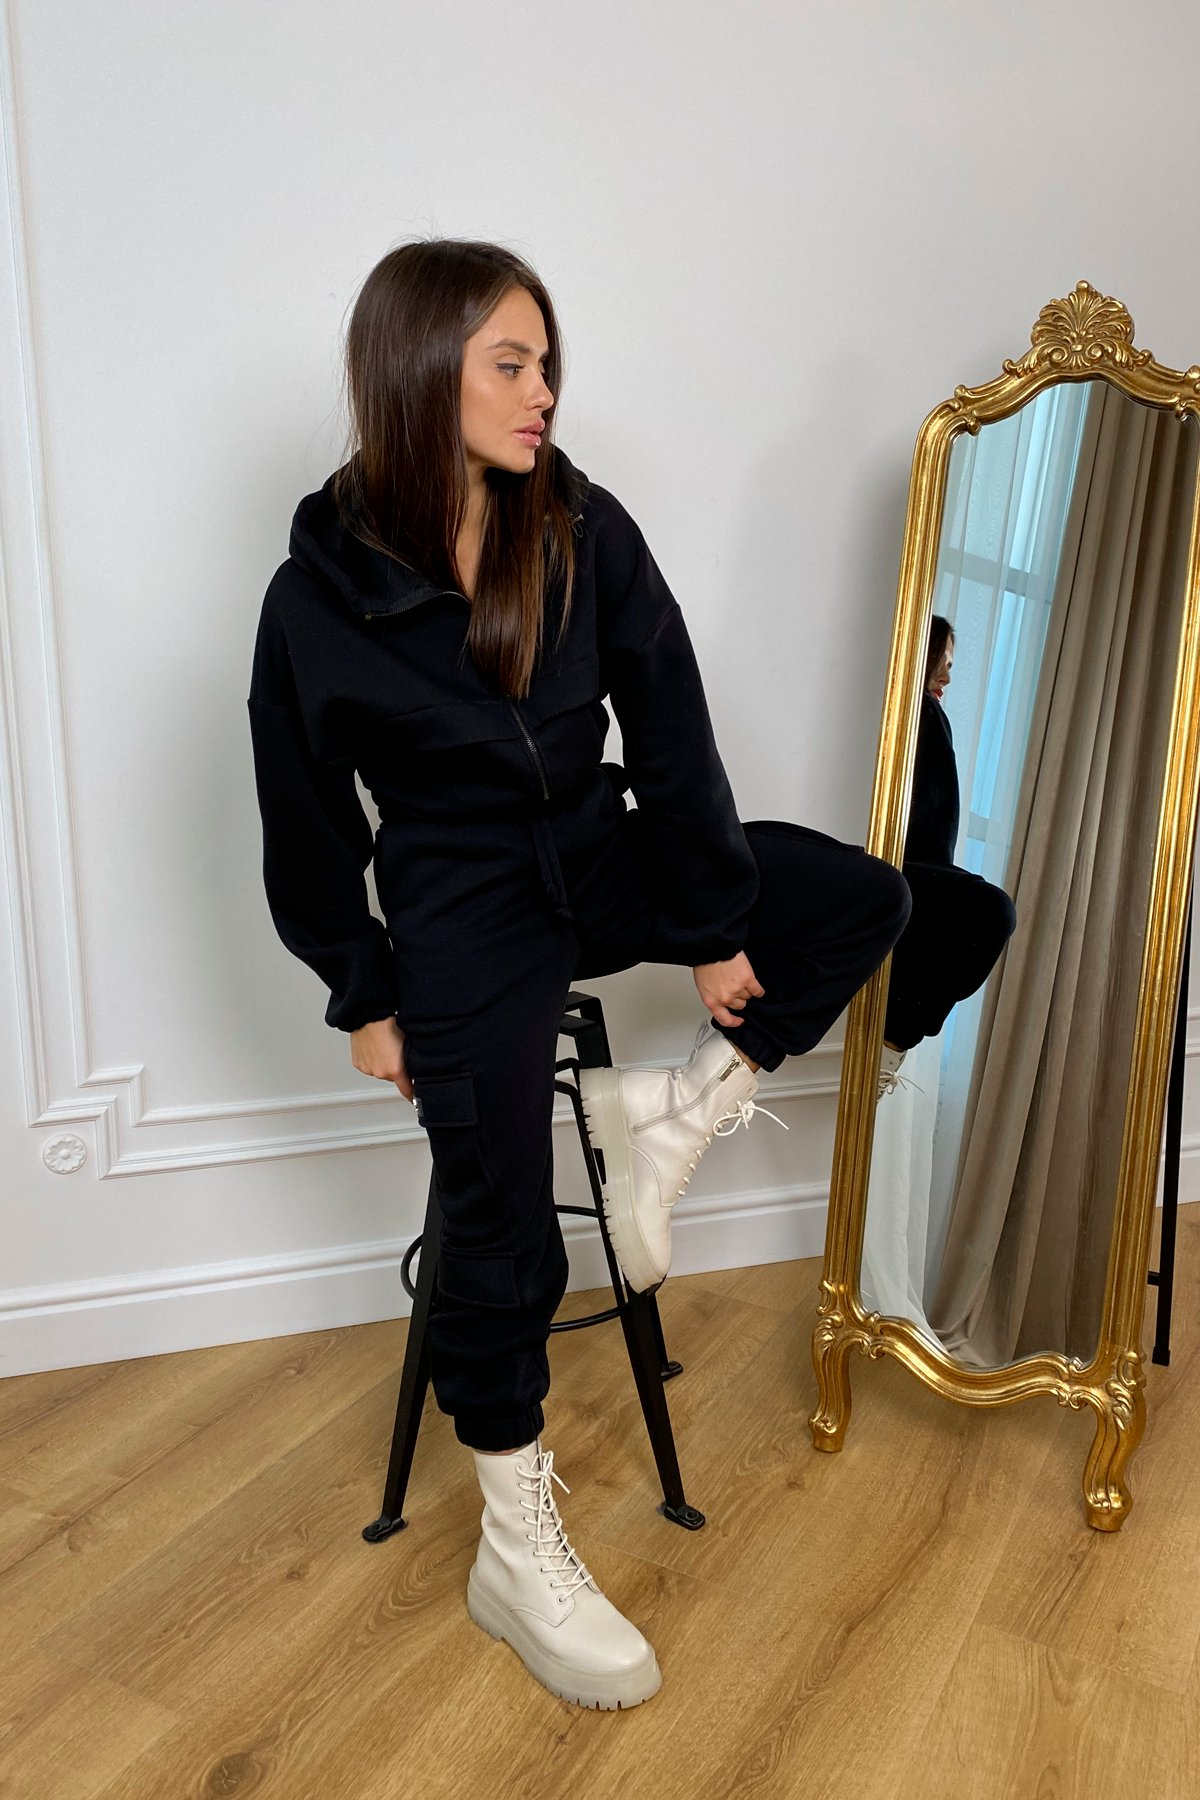 Кьюи  прогулочный костю 3х нитка с начесом 9933 АРТ. 46261 Цвет: Черный - фото 10, интернет магазин tm-modus.ru